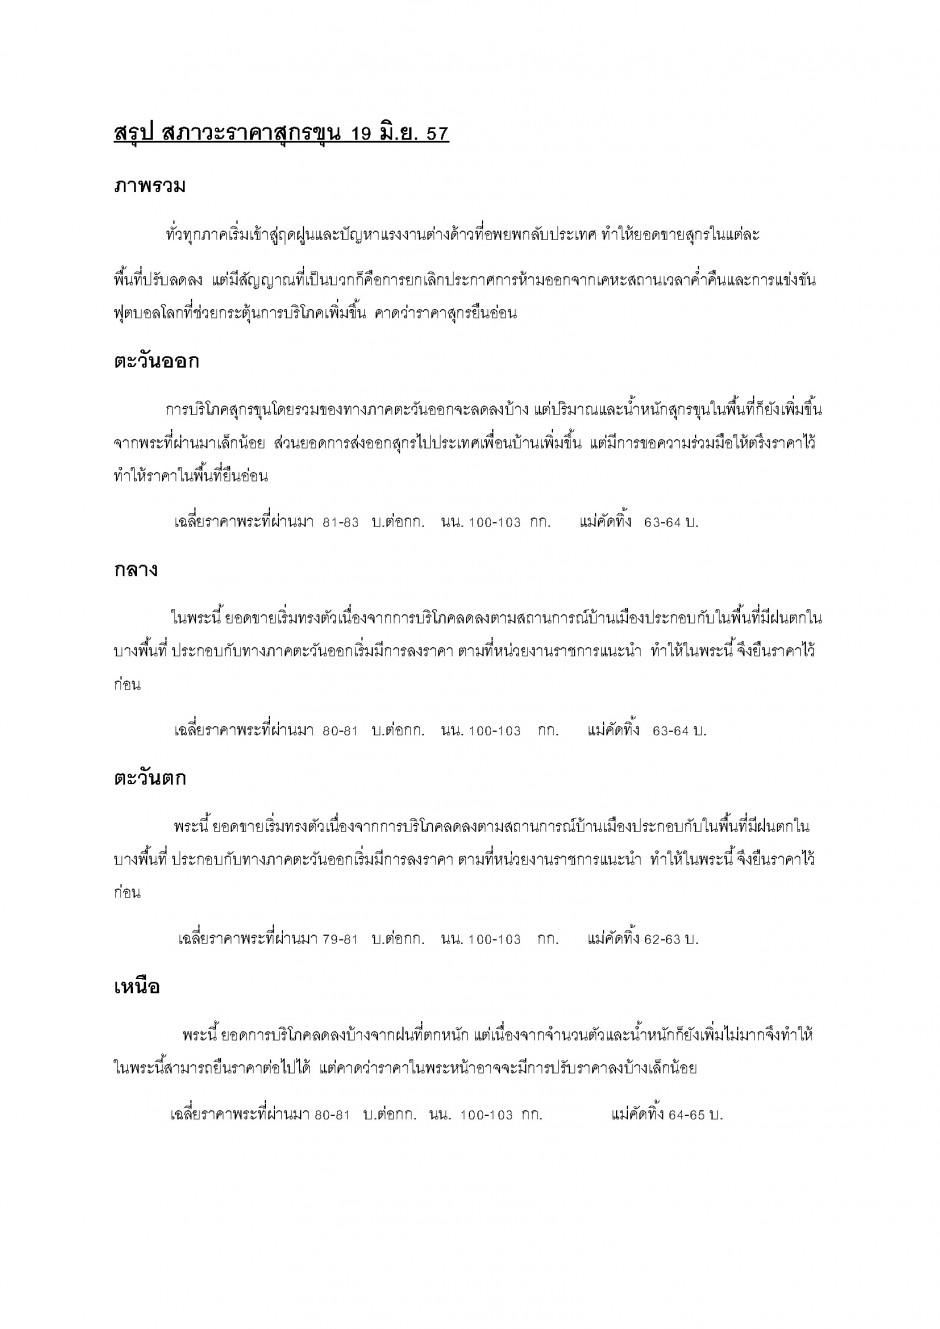 สรุป สภาวะราคาสุกรขุน  19 มิ.ย. 57_Page_1